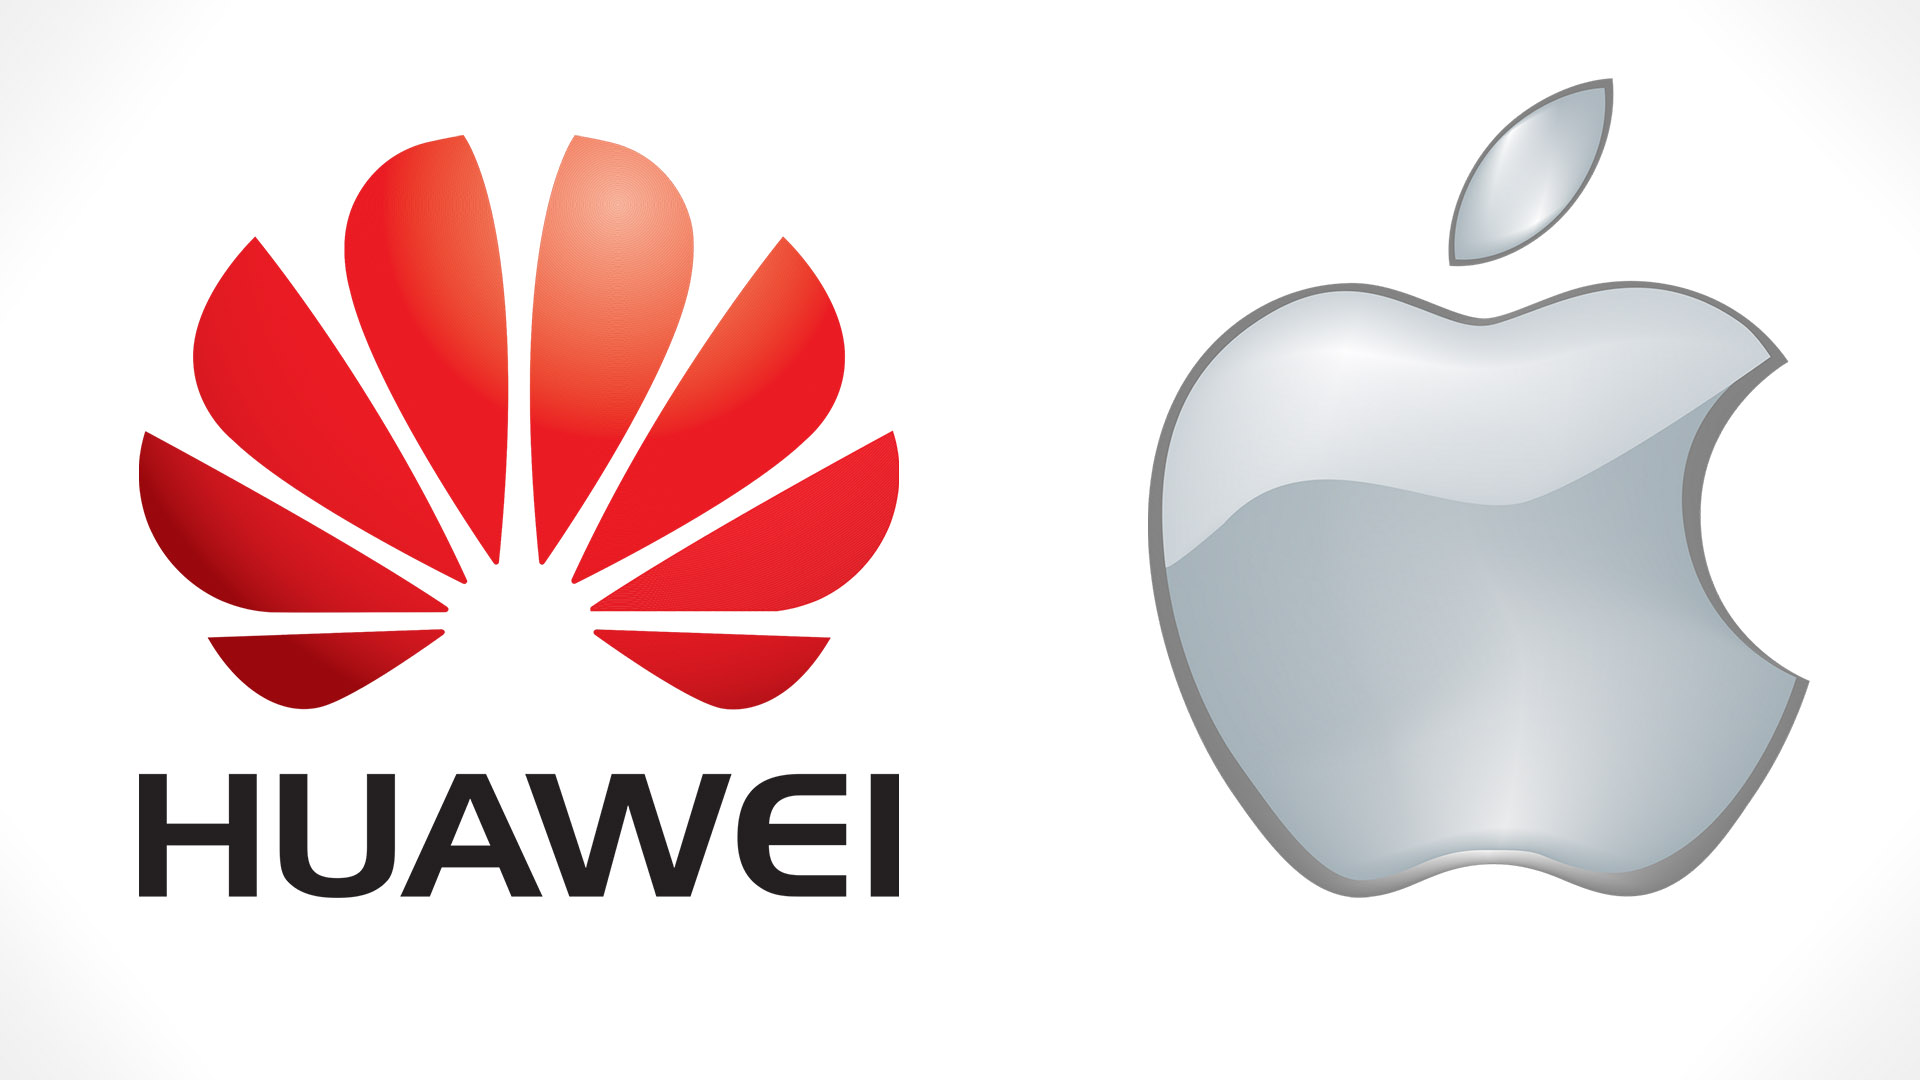 Huawei depaseste Apple si devine cea de-a doua cea mai mare companie de smartphone-uri din lume